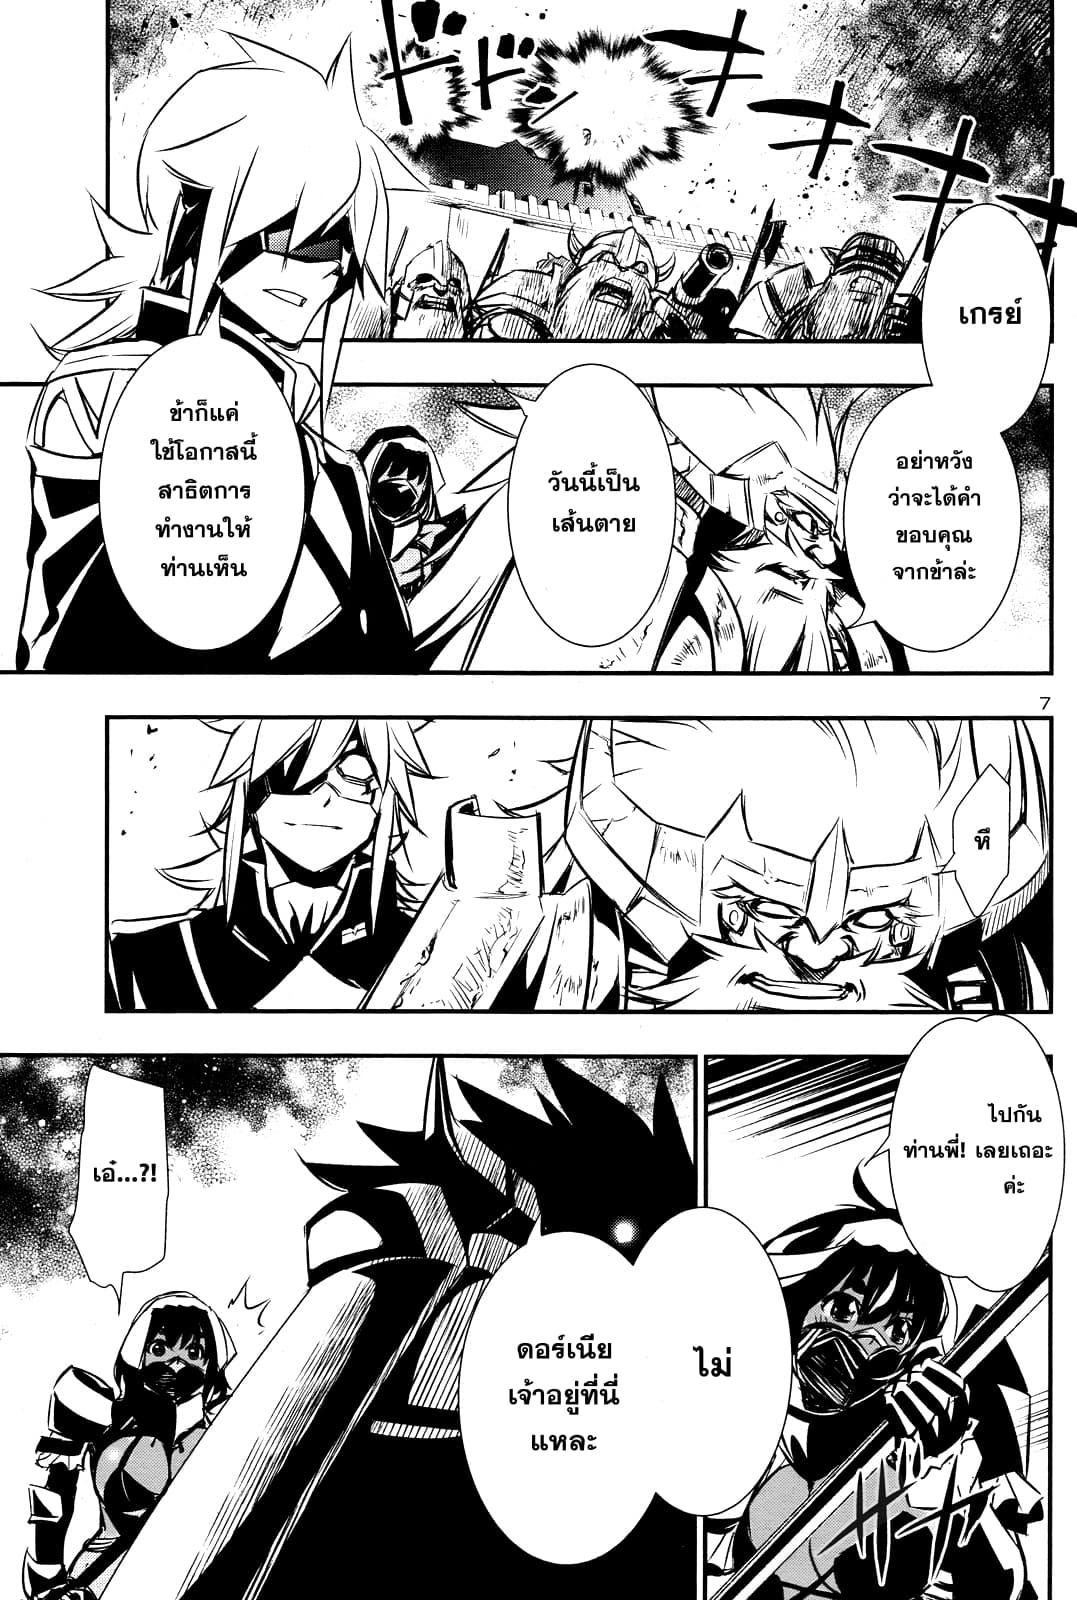 อ่านการ์ตูน Shinju no Nectar ตอนที่ 12 หน้าที่ 7